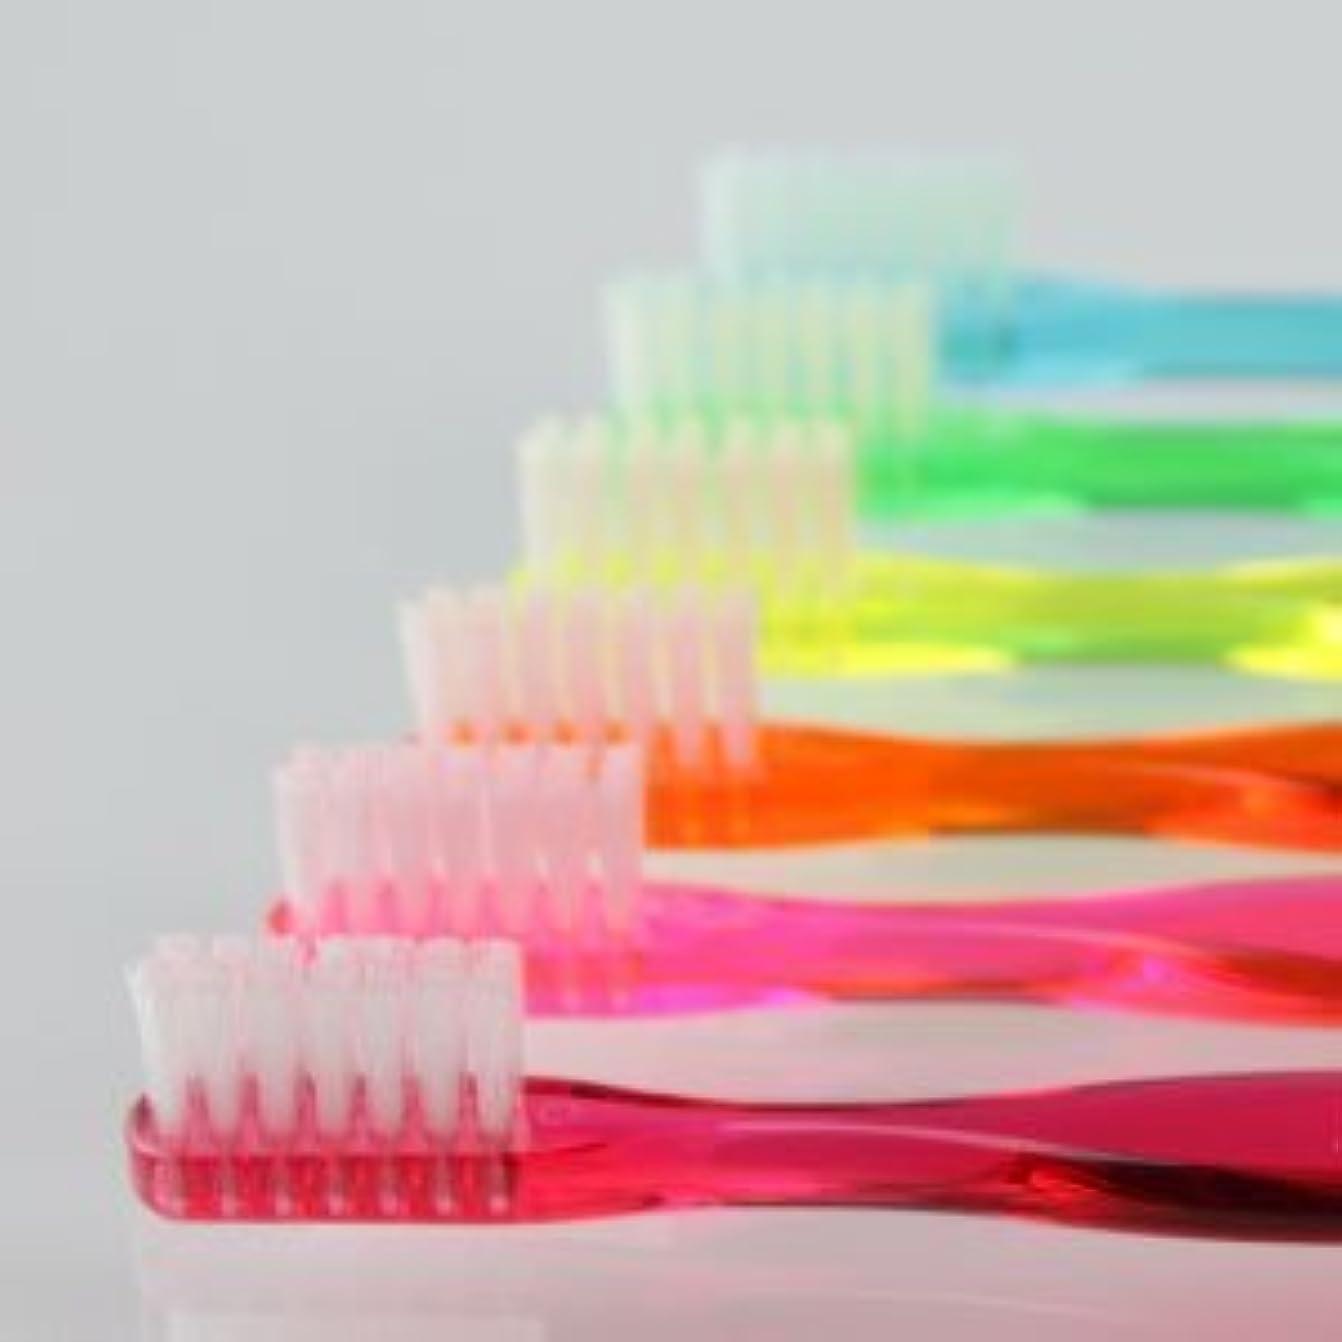 悪意退屈させるディーラーサムフレンド 歯ブラシ #20(ミニ) 6本 ※お色は当店お任せです